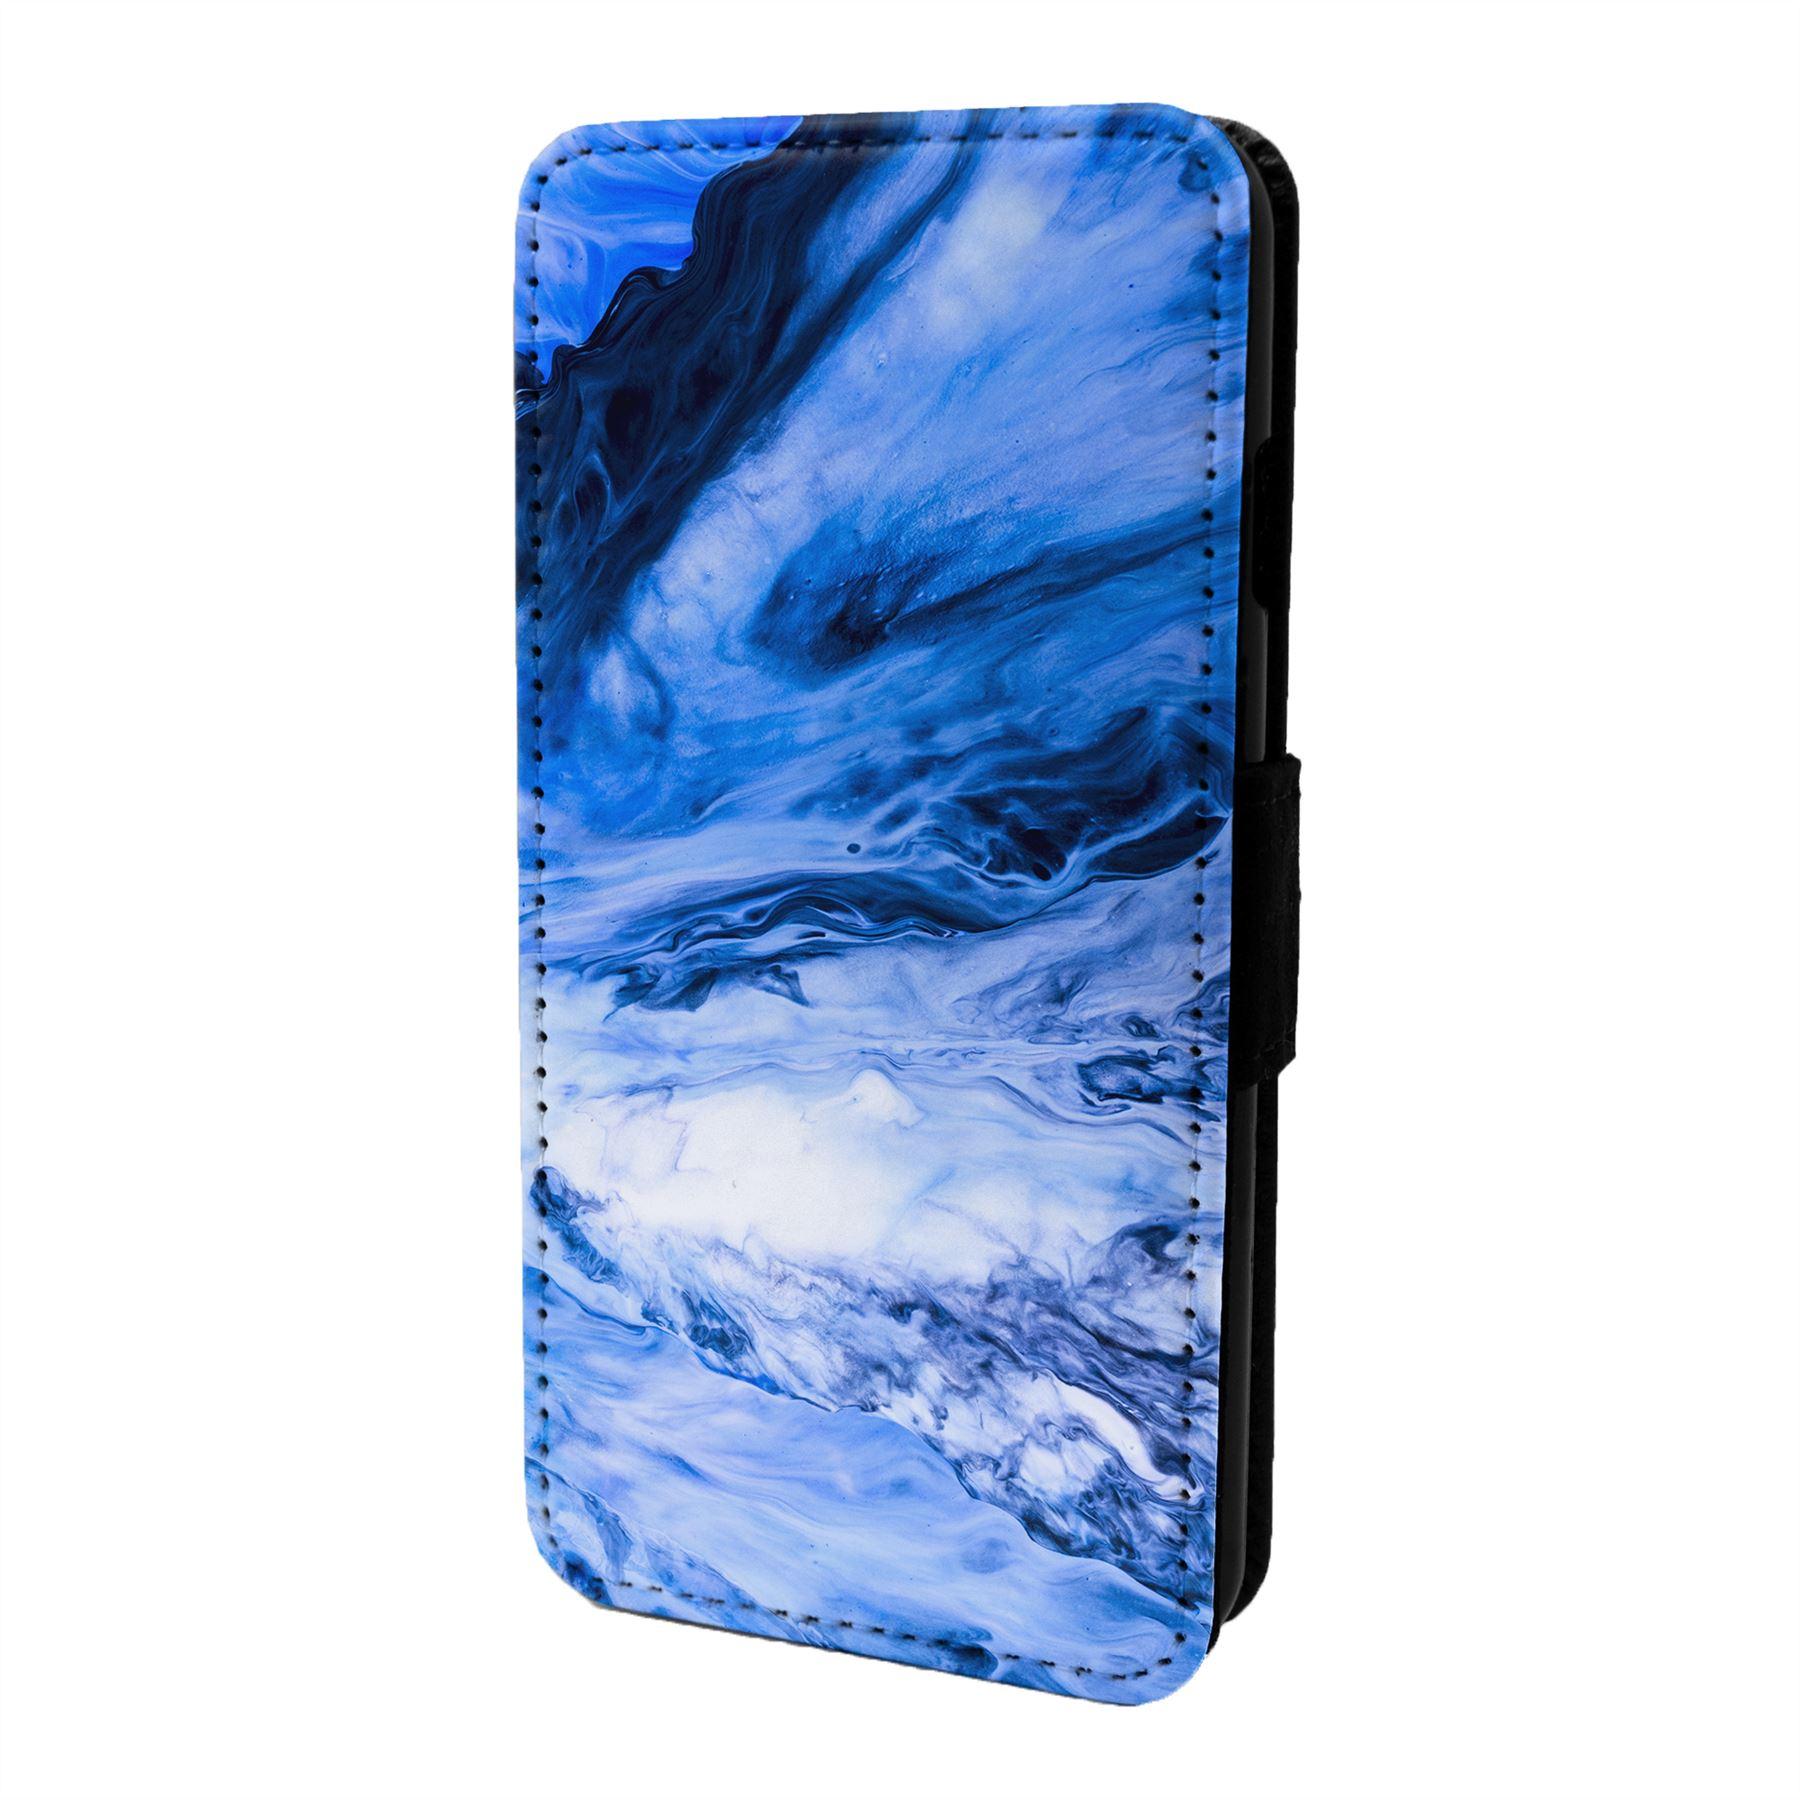 Marmol-Piedra-Estampado-Funda-Libro-para-Telefono-Movil-S6964